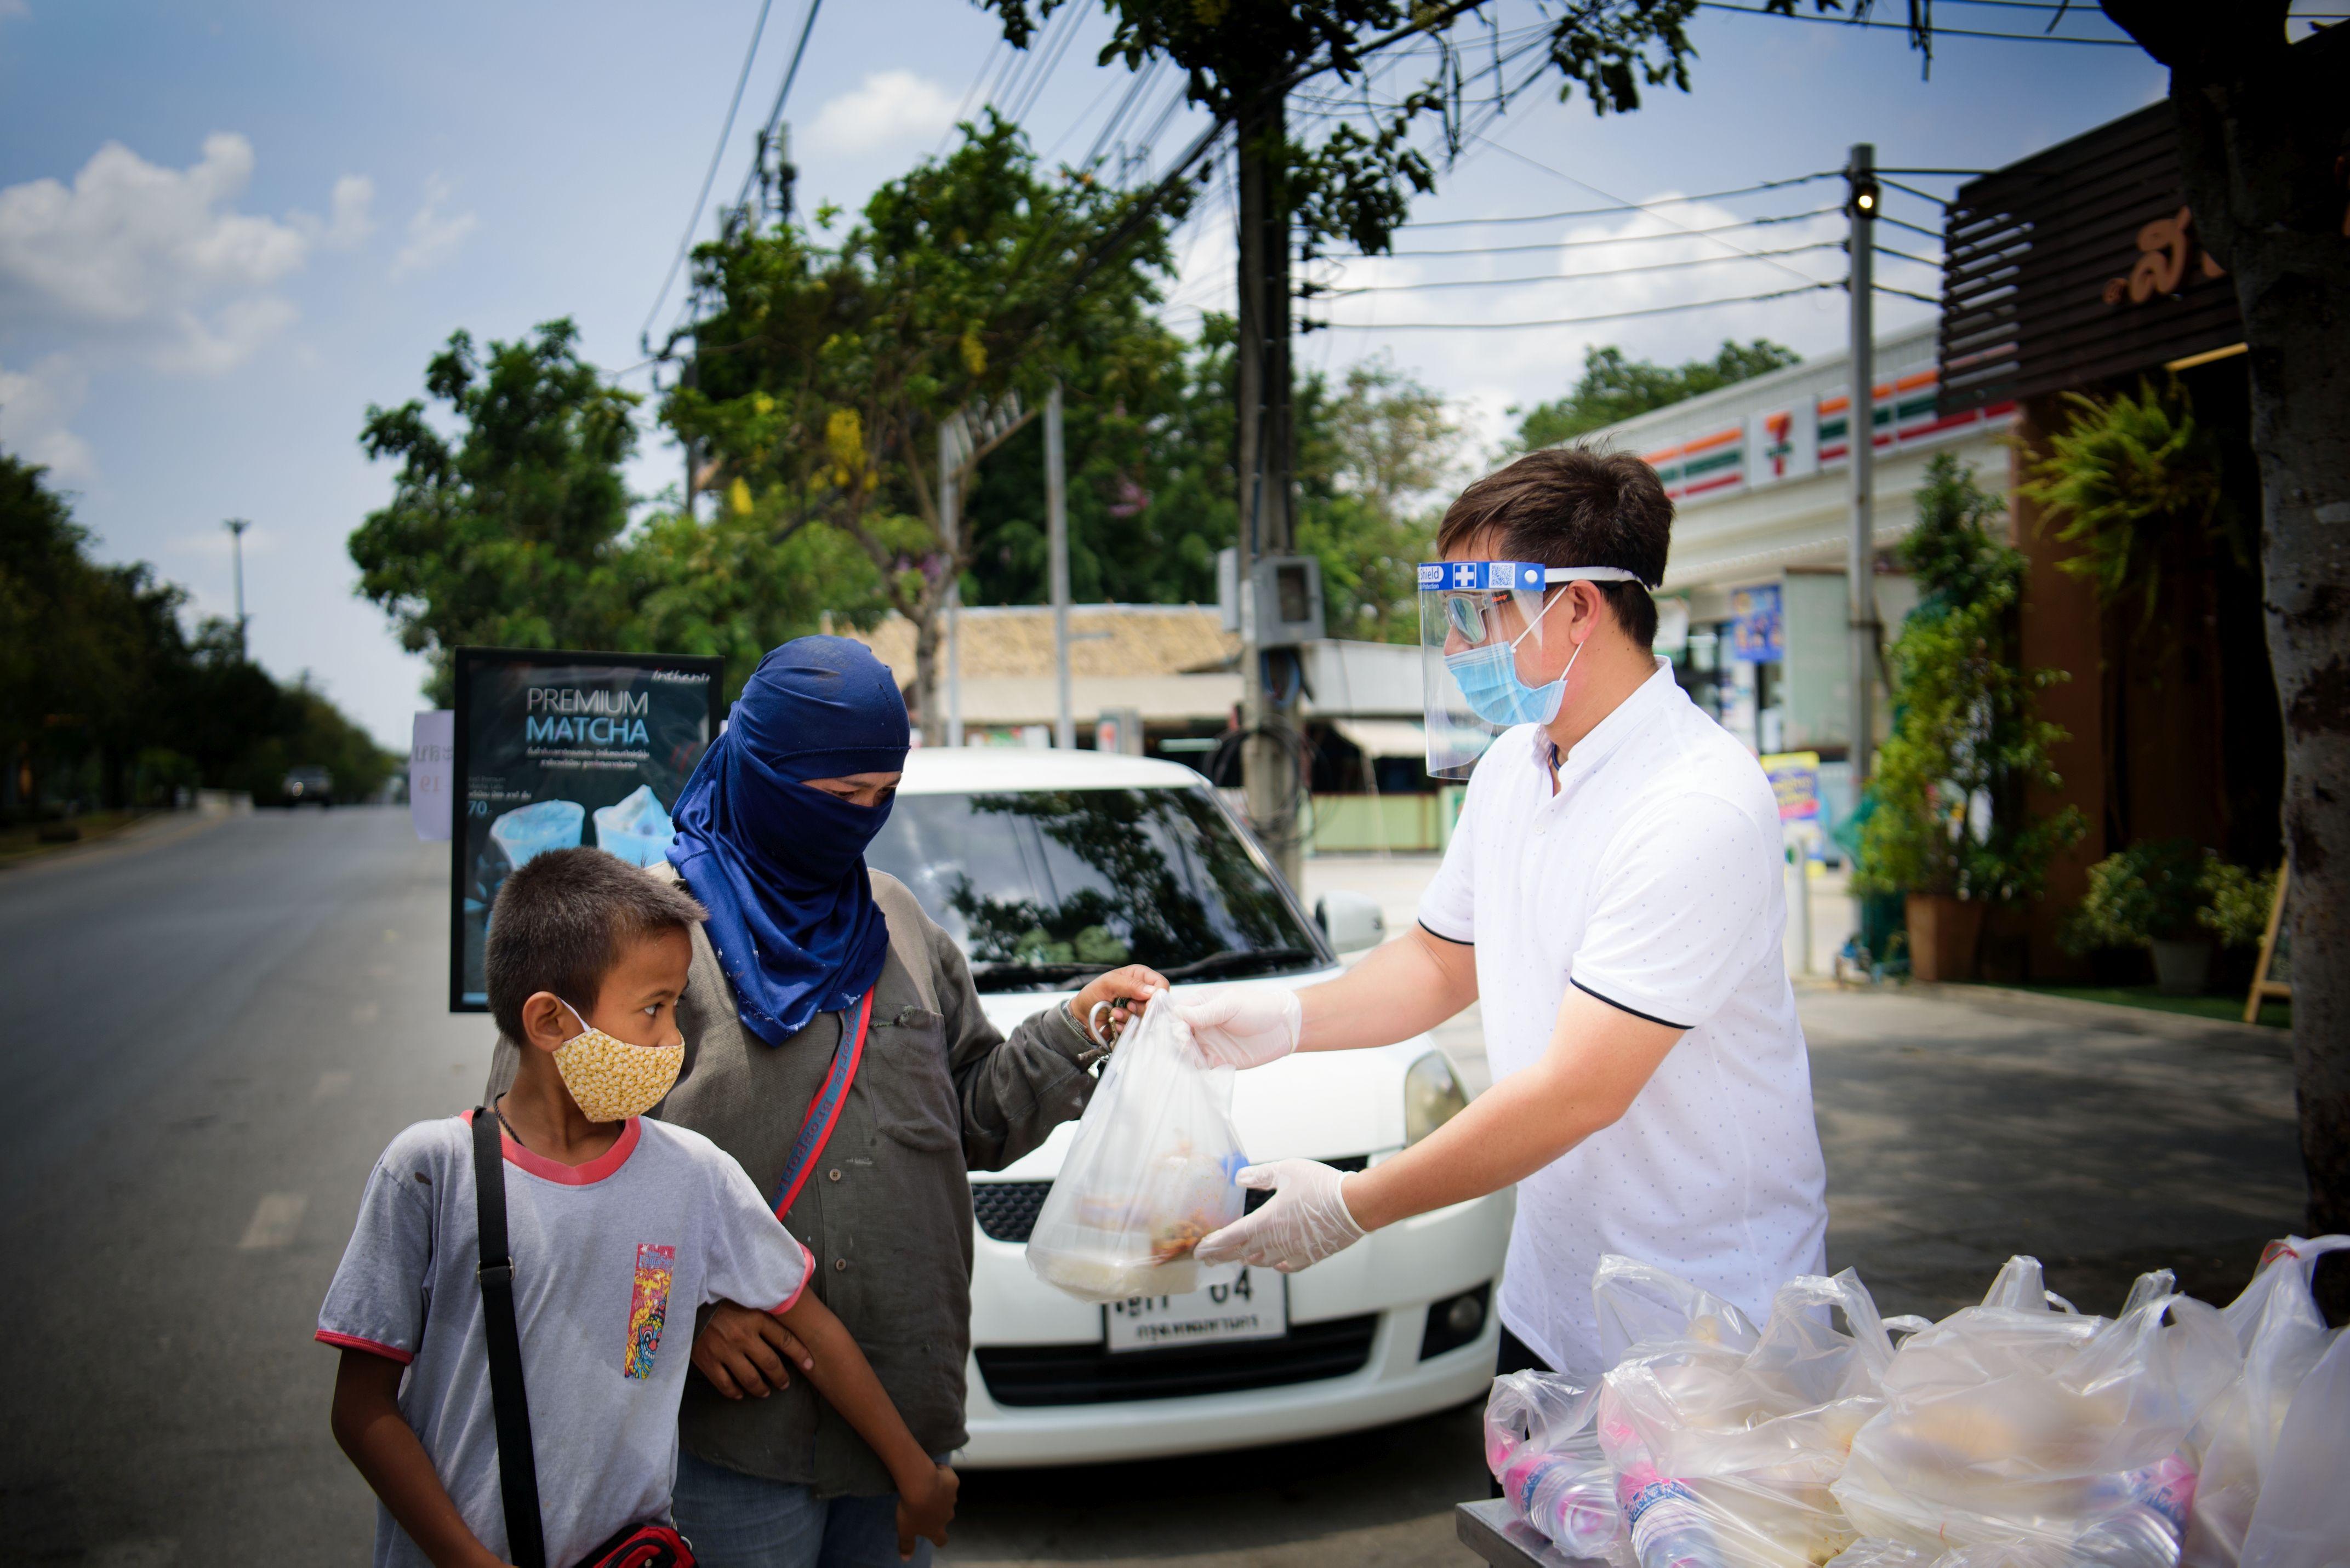 Auf der Straße werden Lebensmittel verteilt